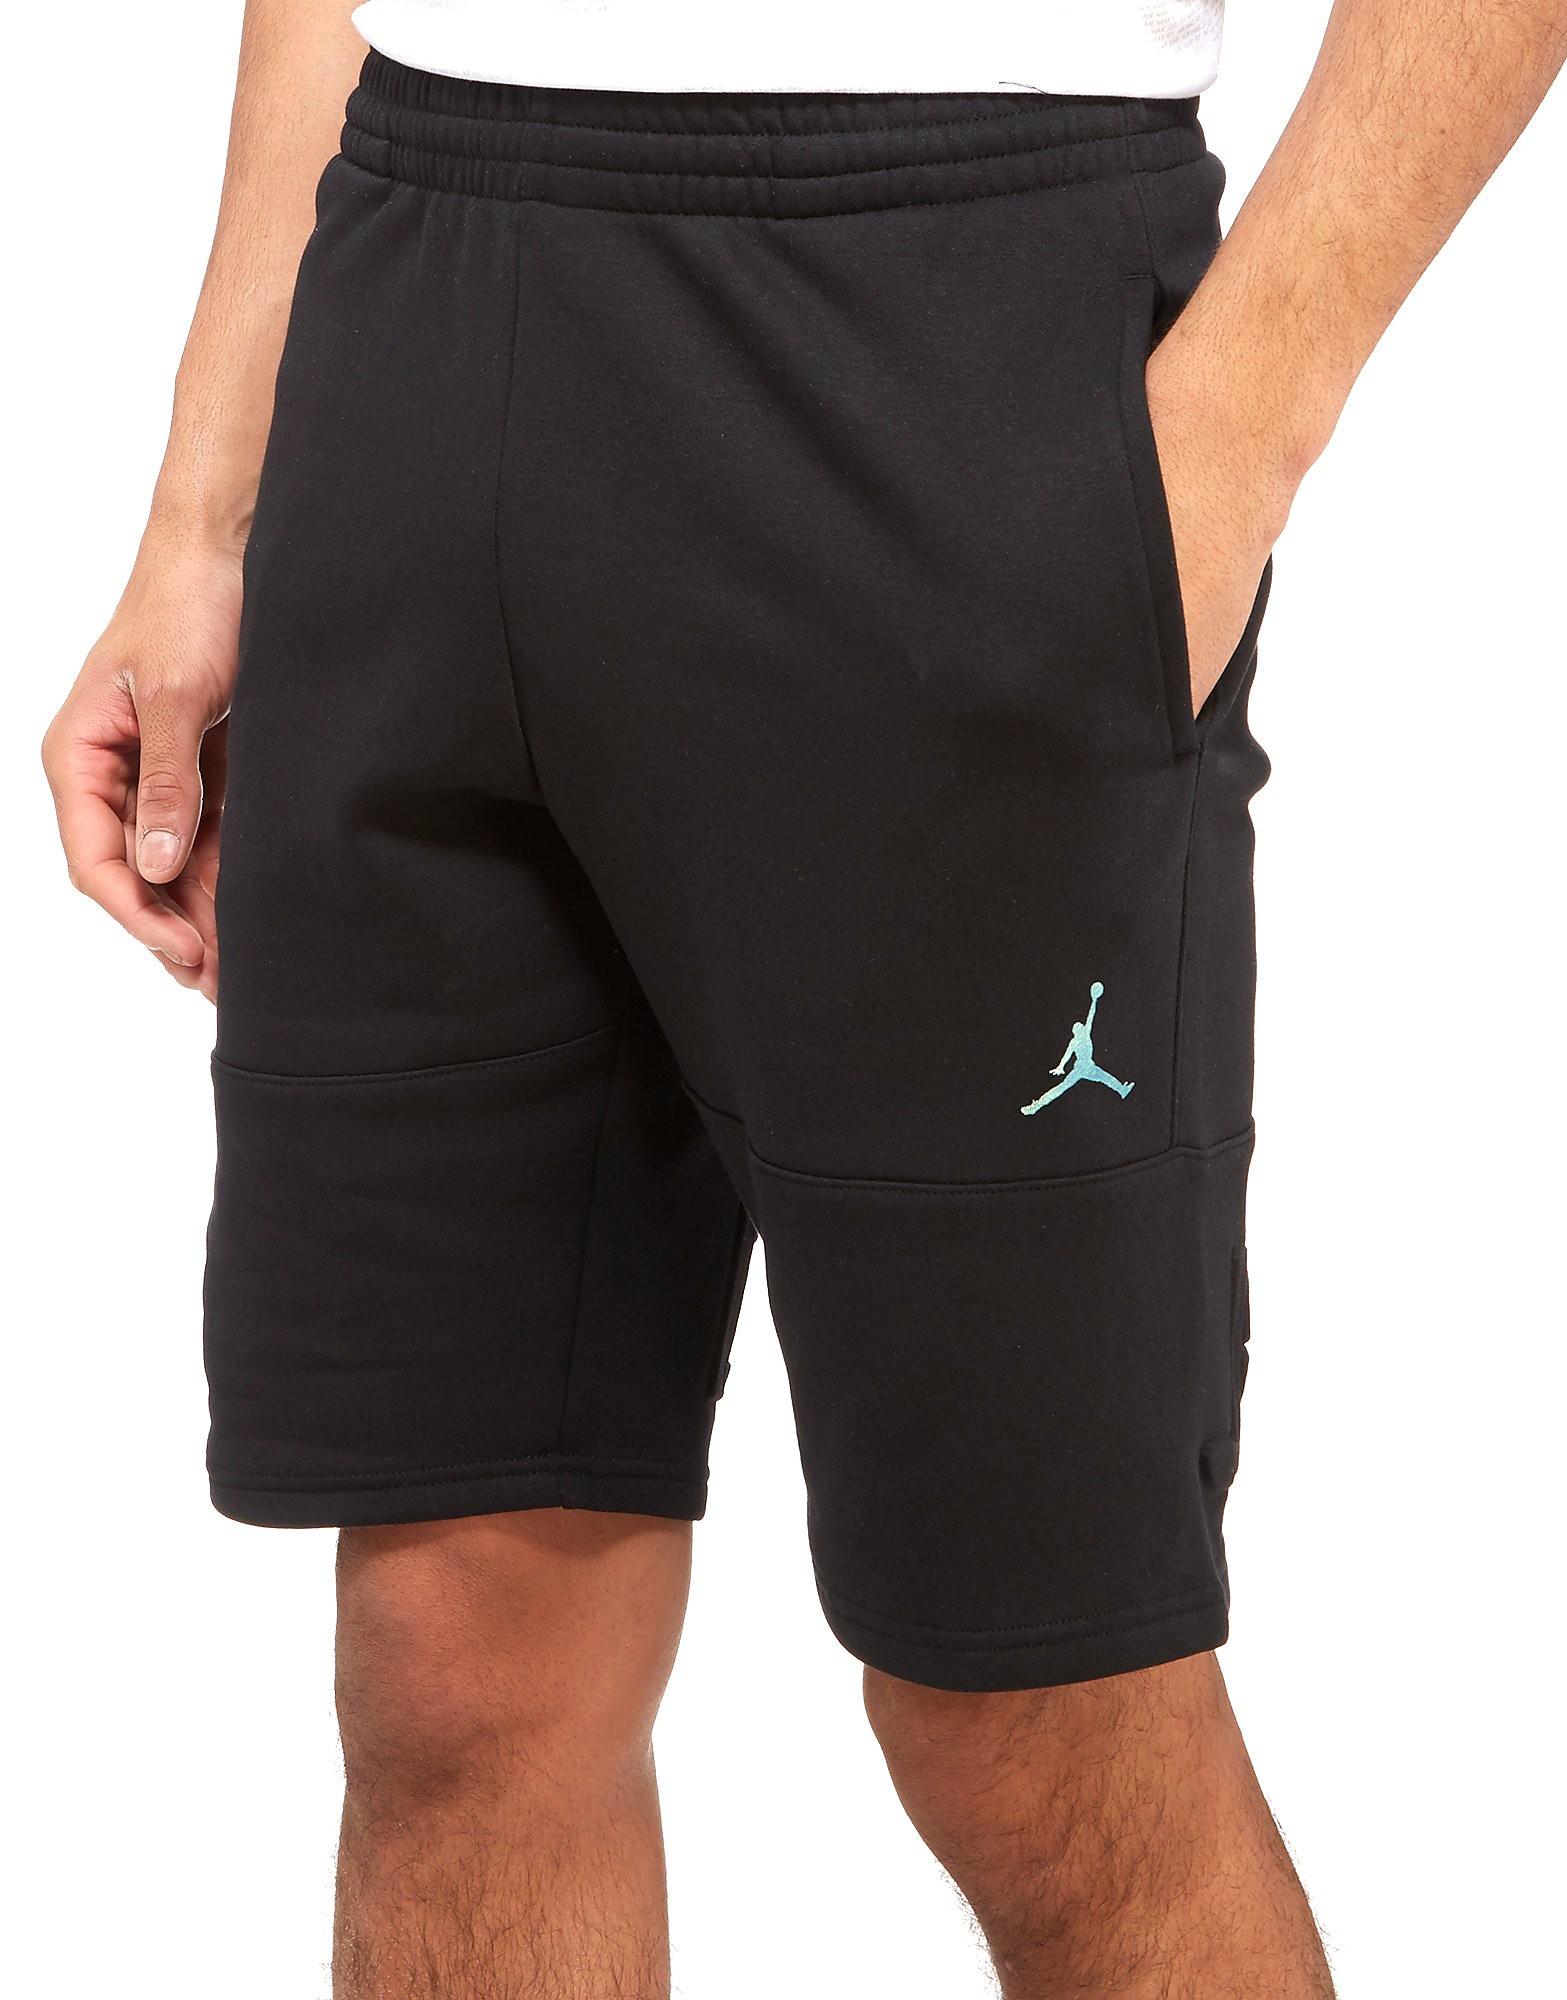 Jordan Pinnacle Shorts